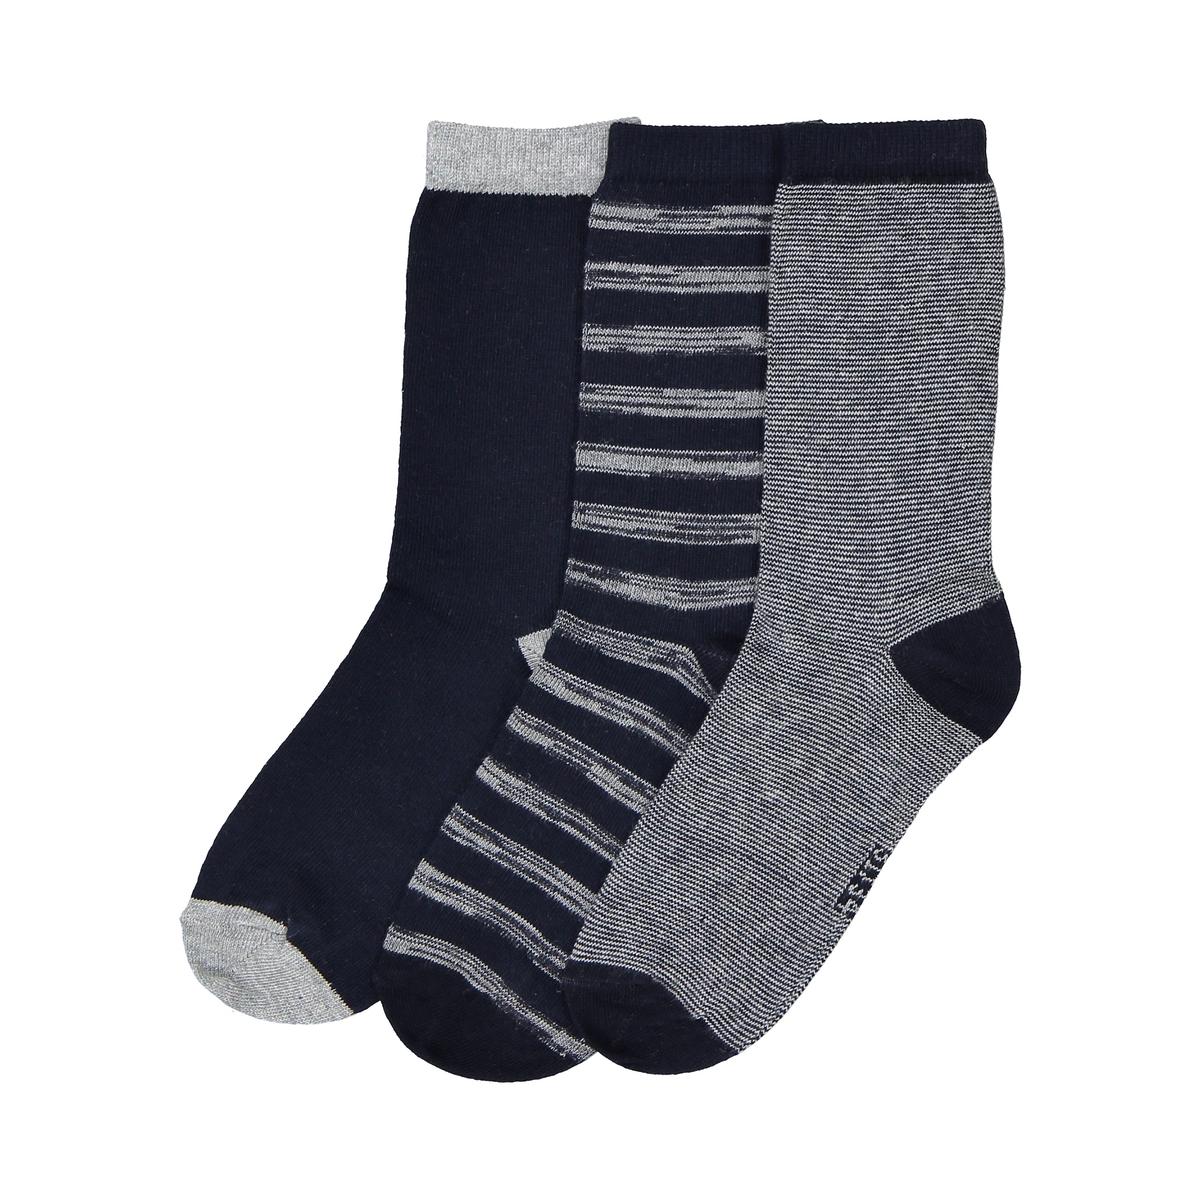 Комплект из пар носков La Redoute Размеры - 19/22 синий 5 пар много носков мужчины бренд мода бизнес носки мужчины повседневный длинные носки meias 5 стиль повседневной работы crew soc